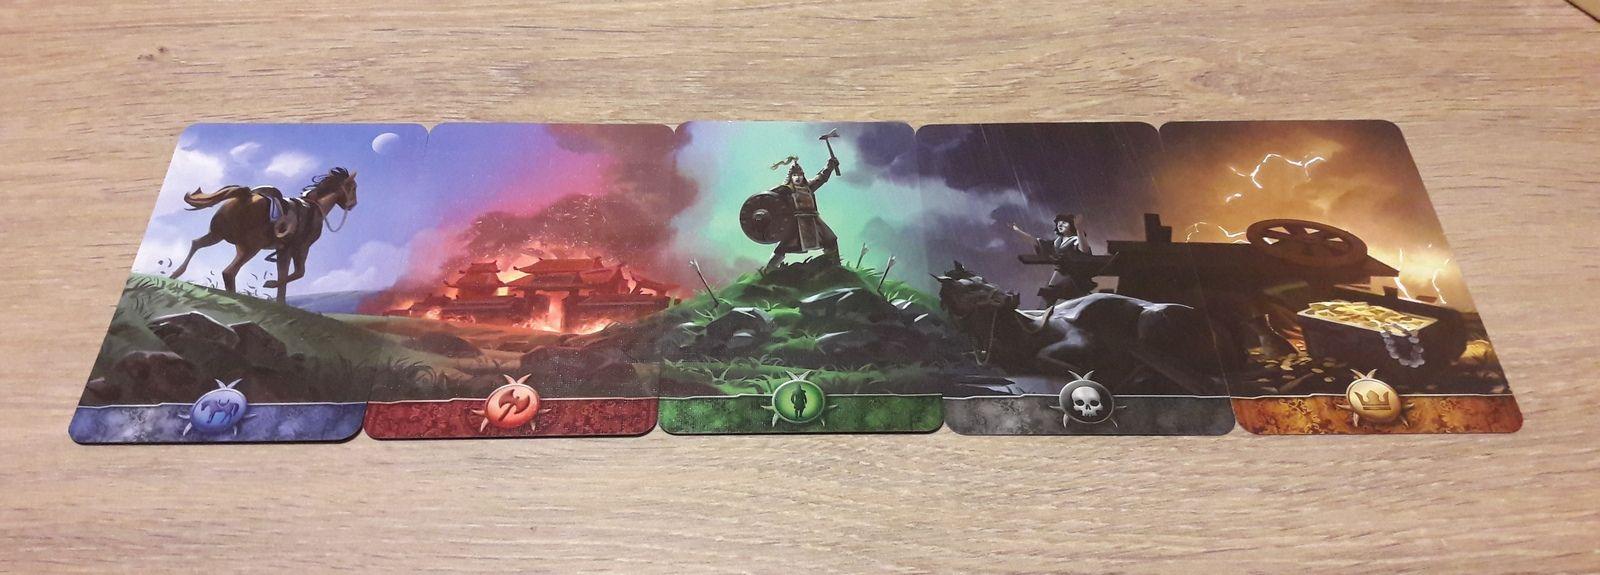 la frise réalisée  avec le dos des  5 types de cartes